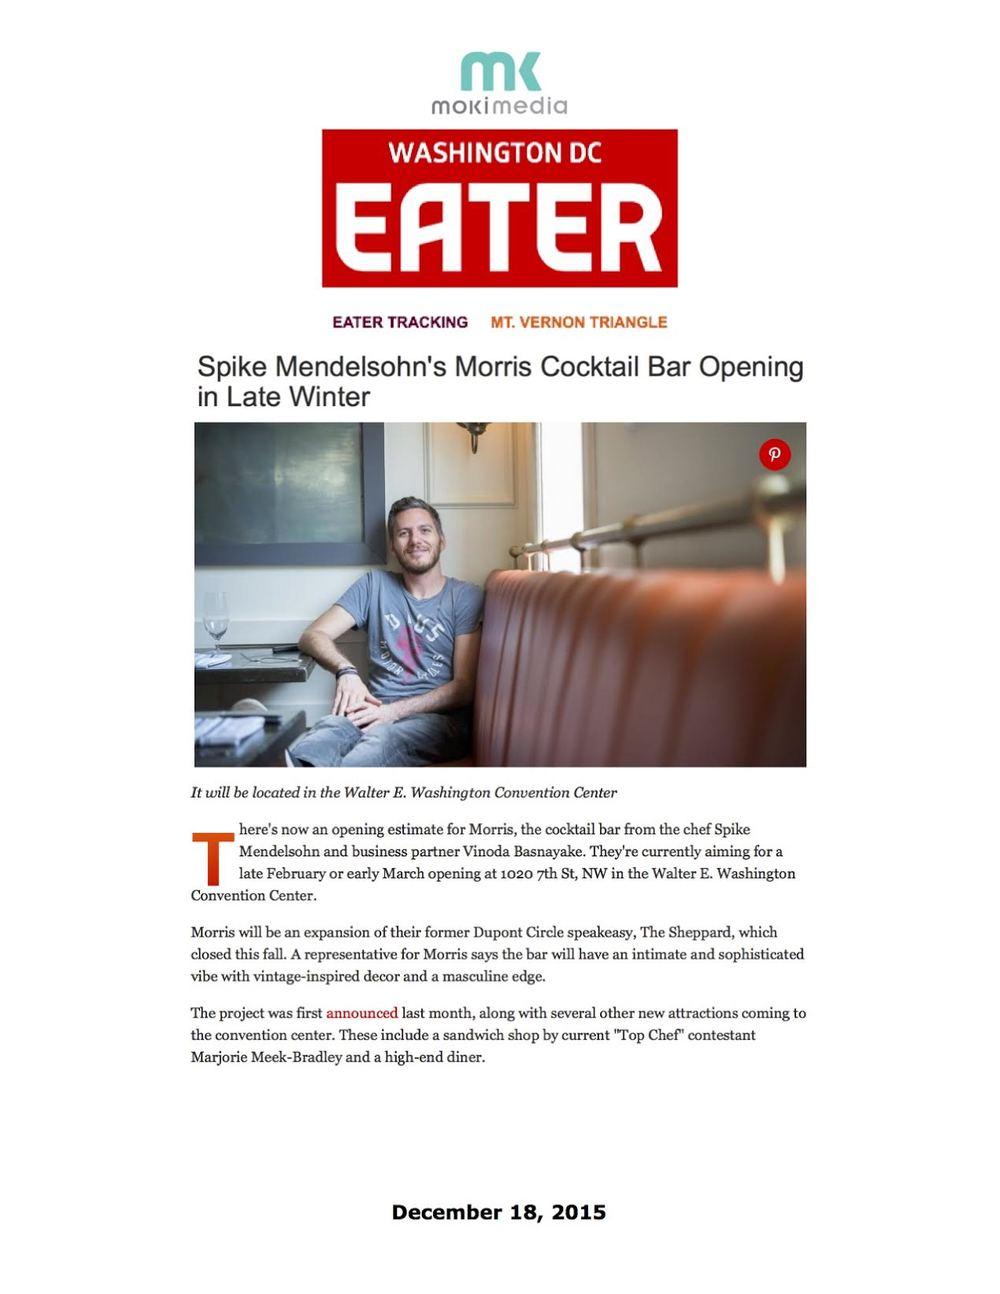 eater1.jpg